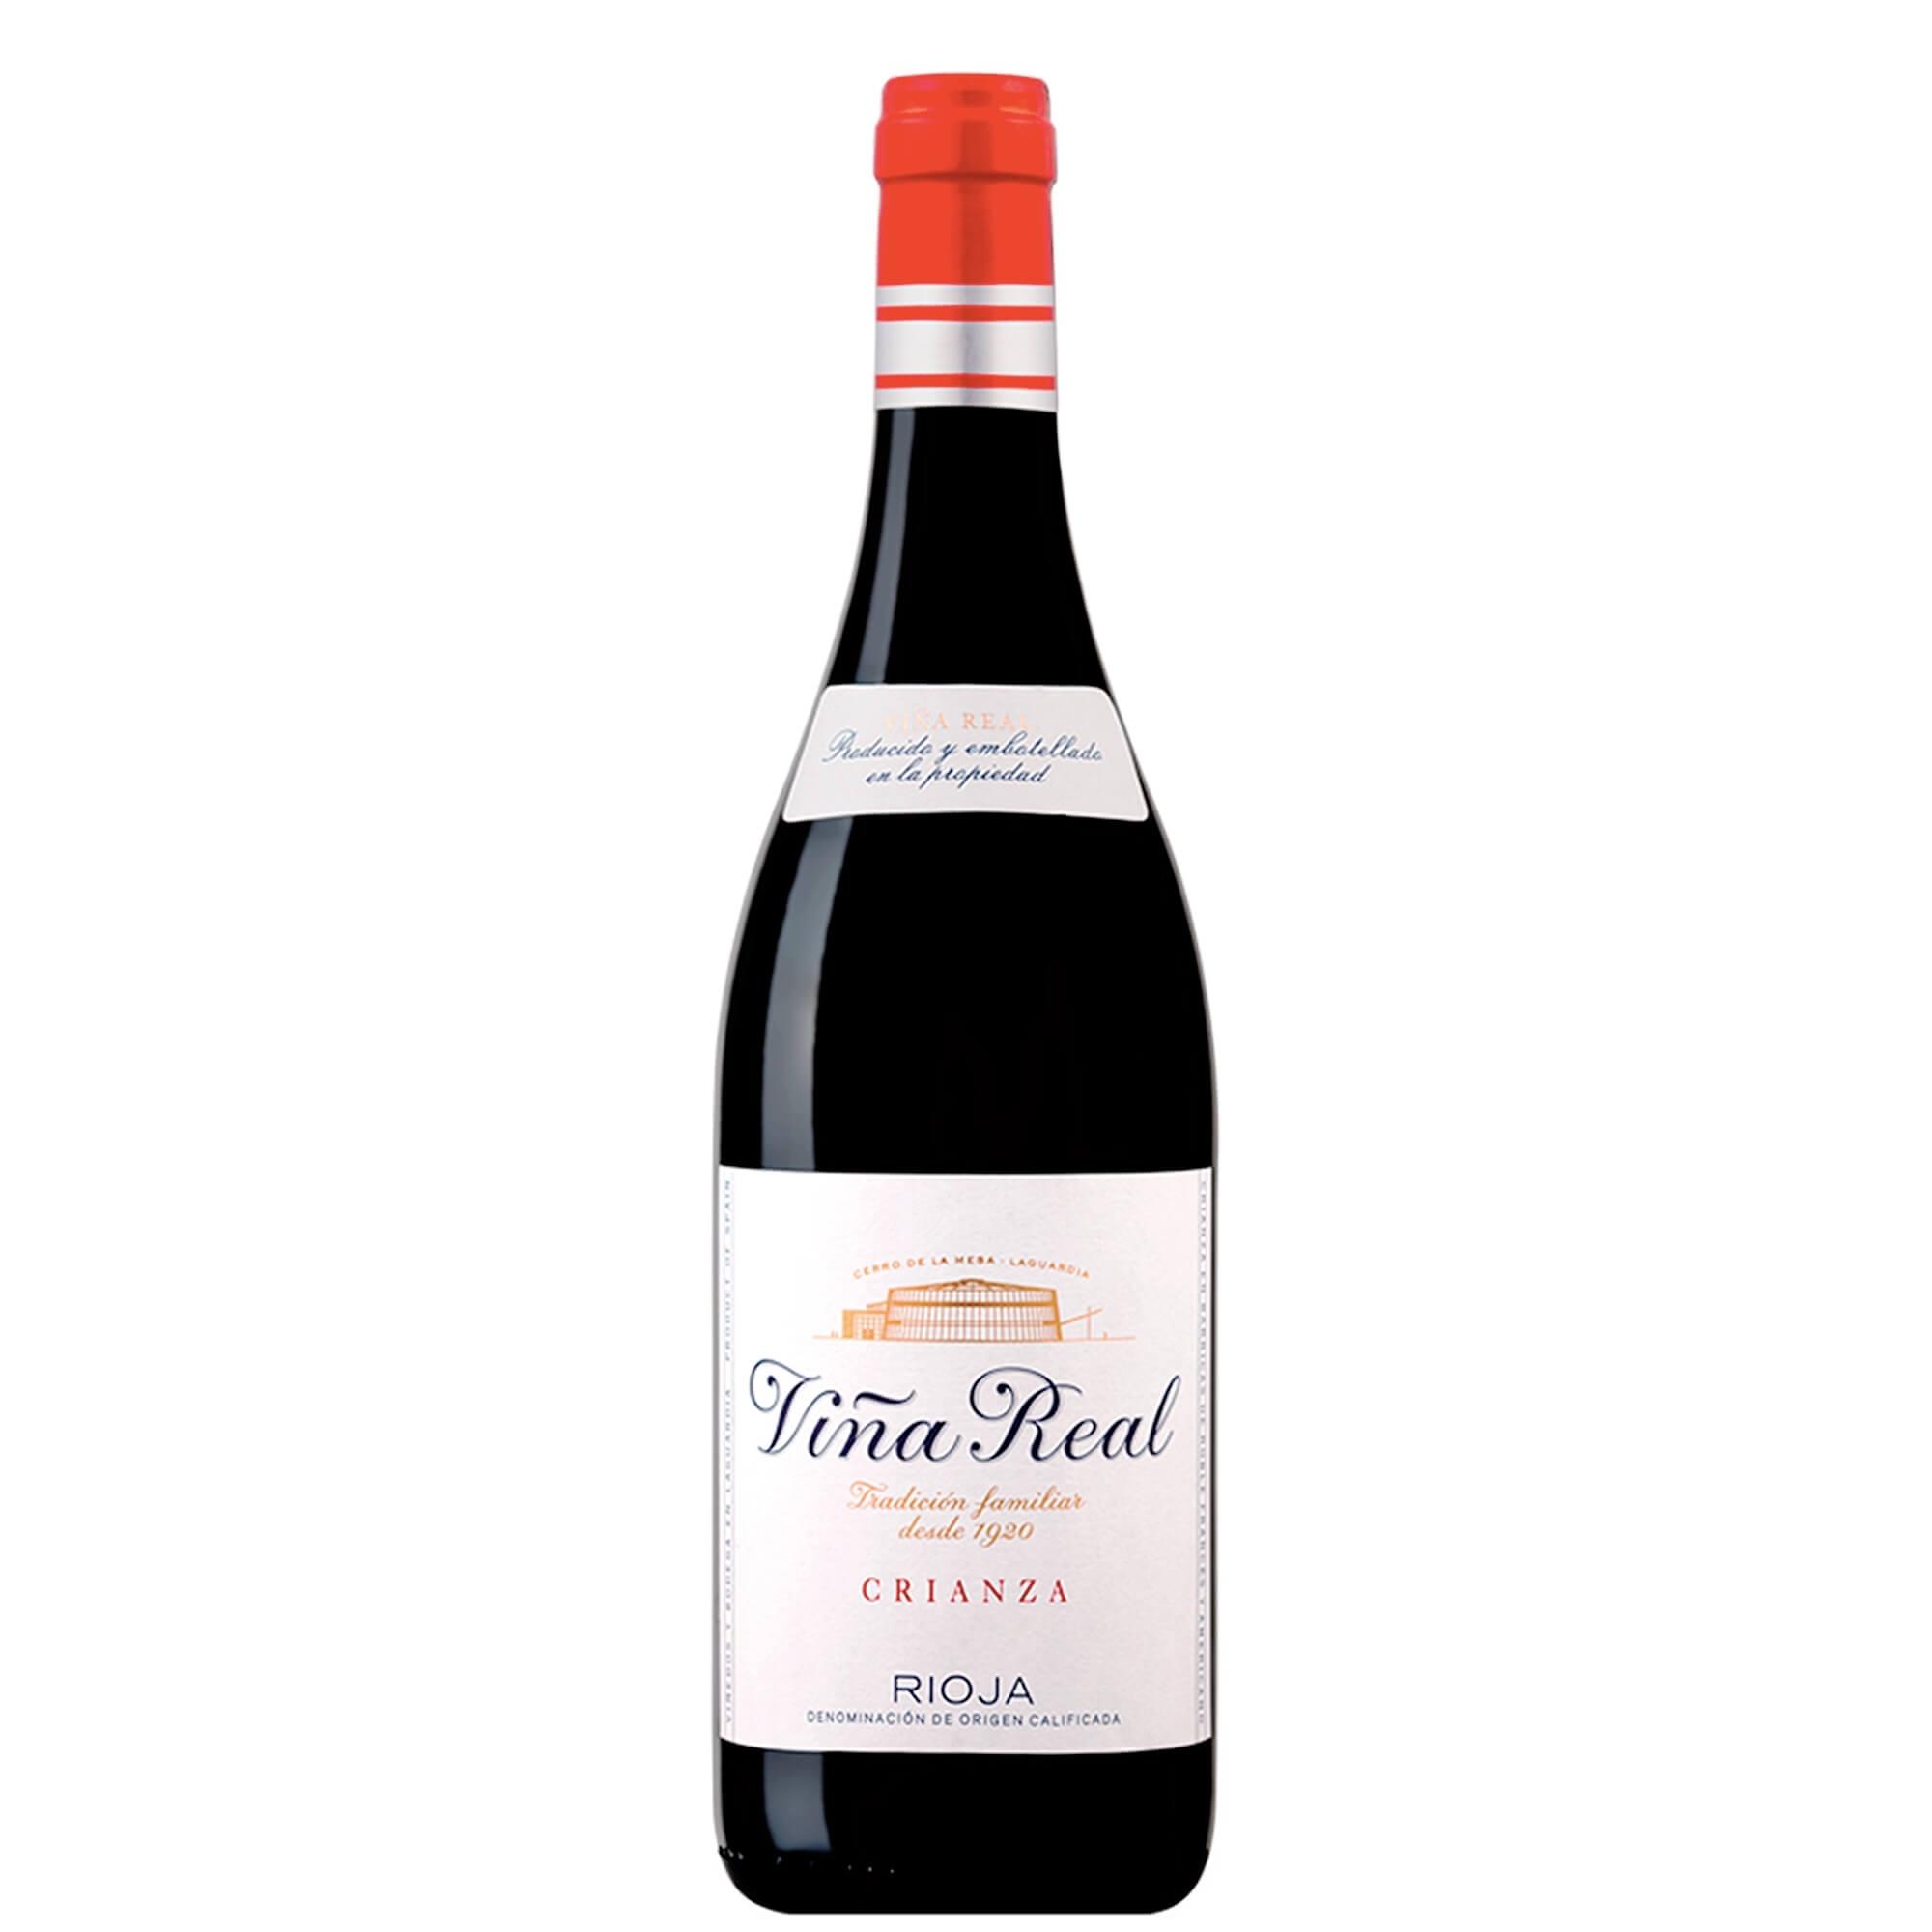 Rioja Crianza 2015 Viña Real